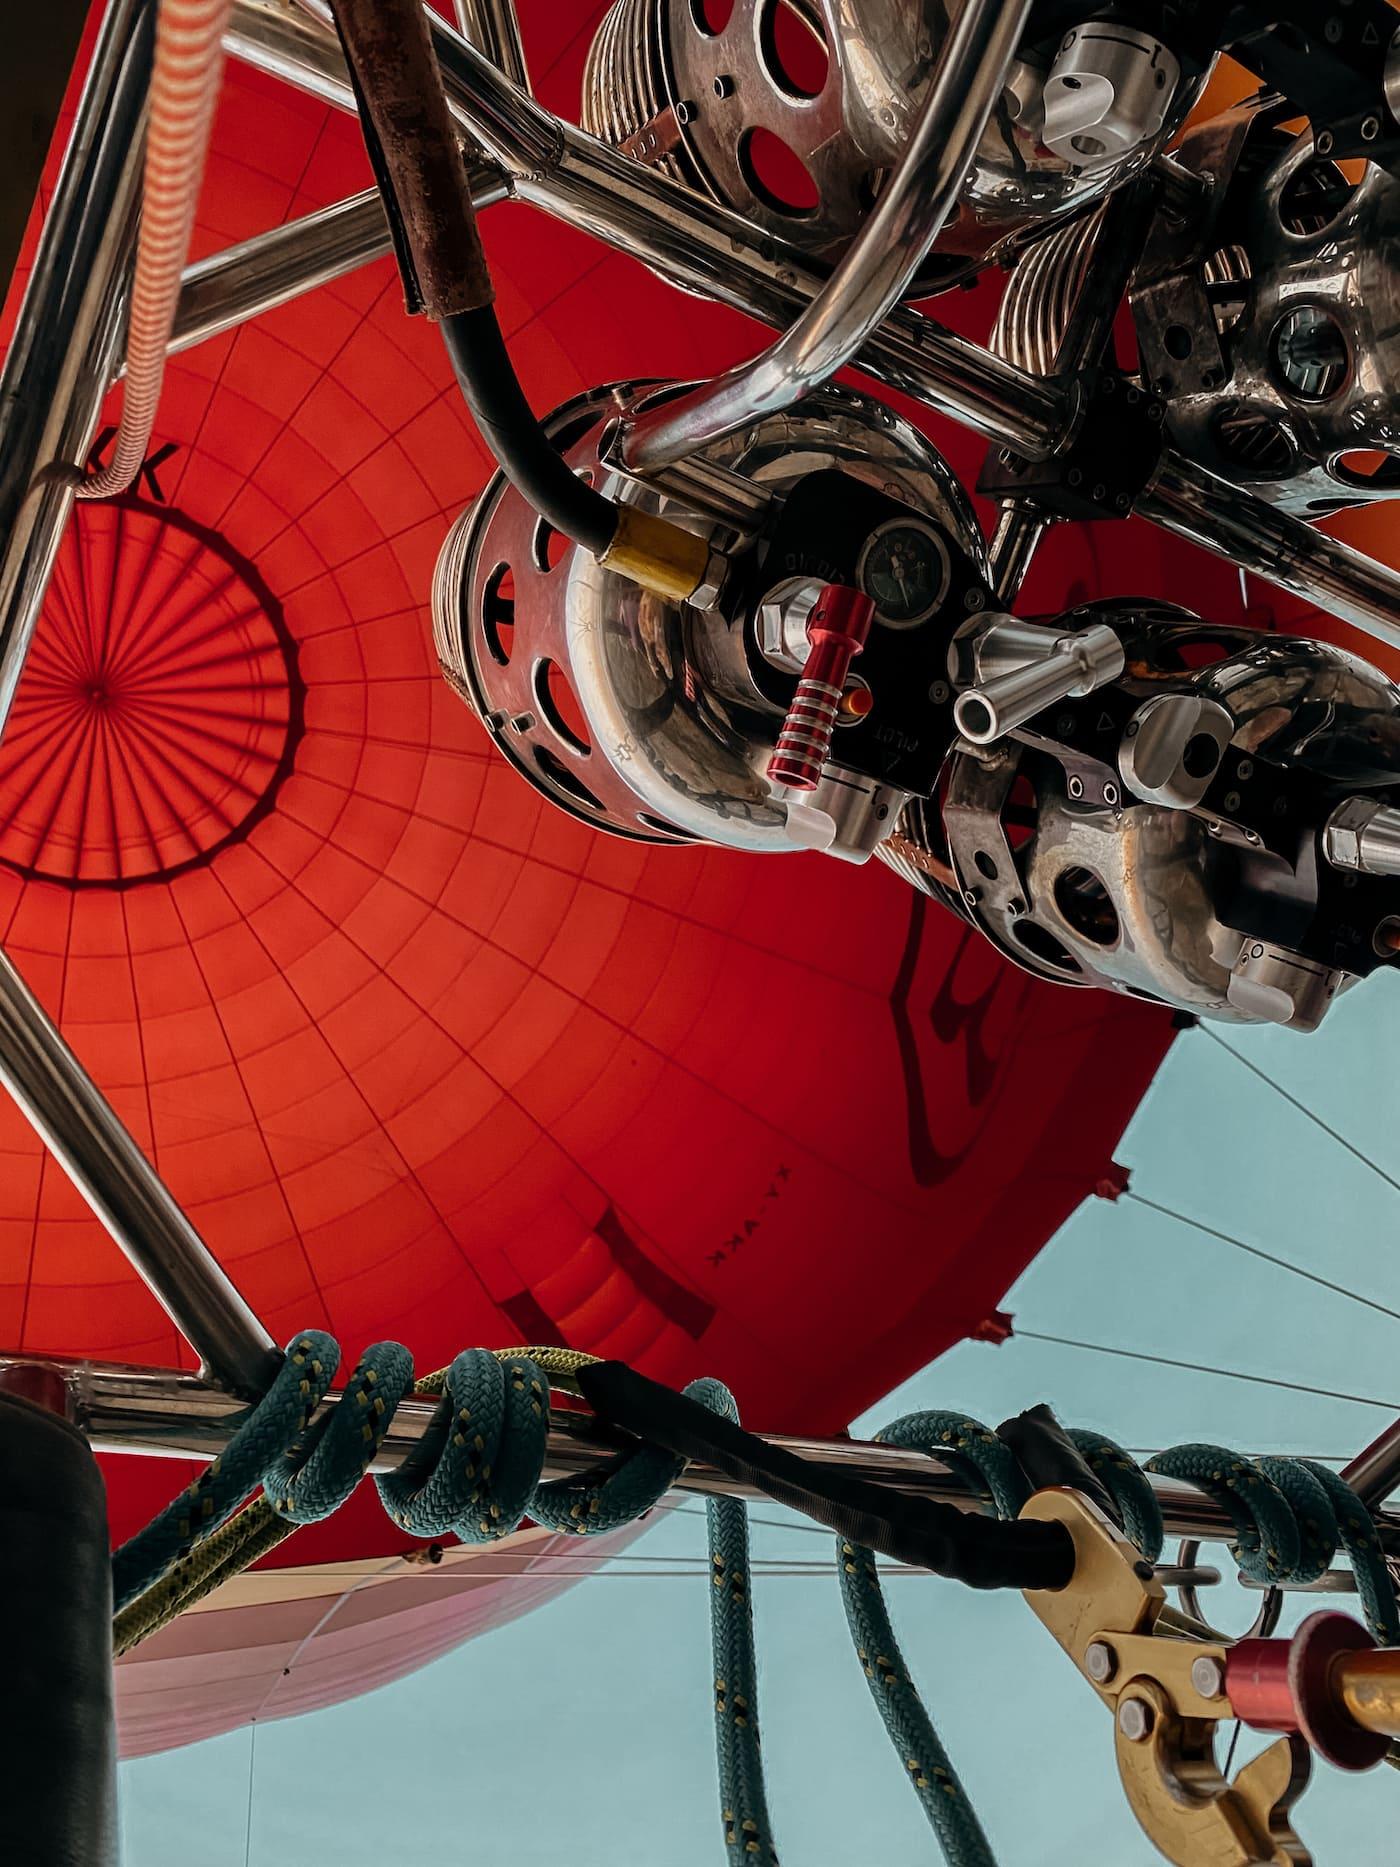 Heißluftballon von innen